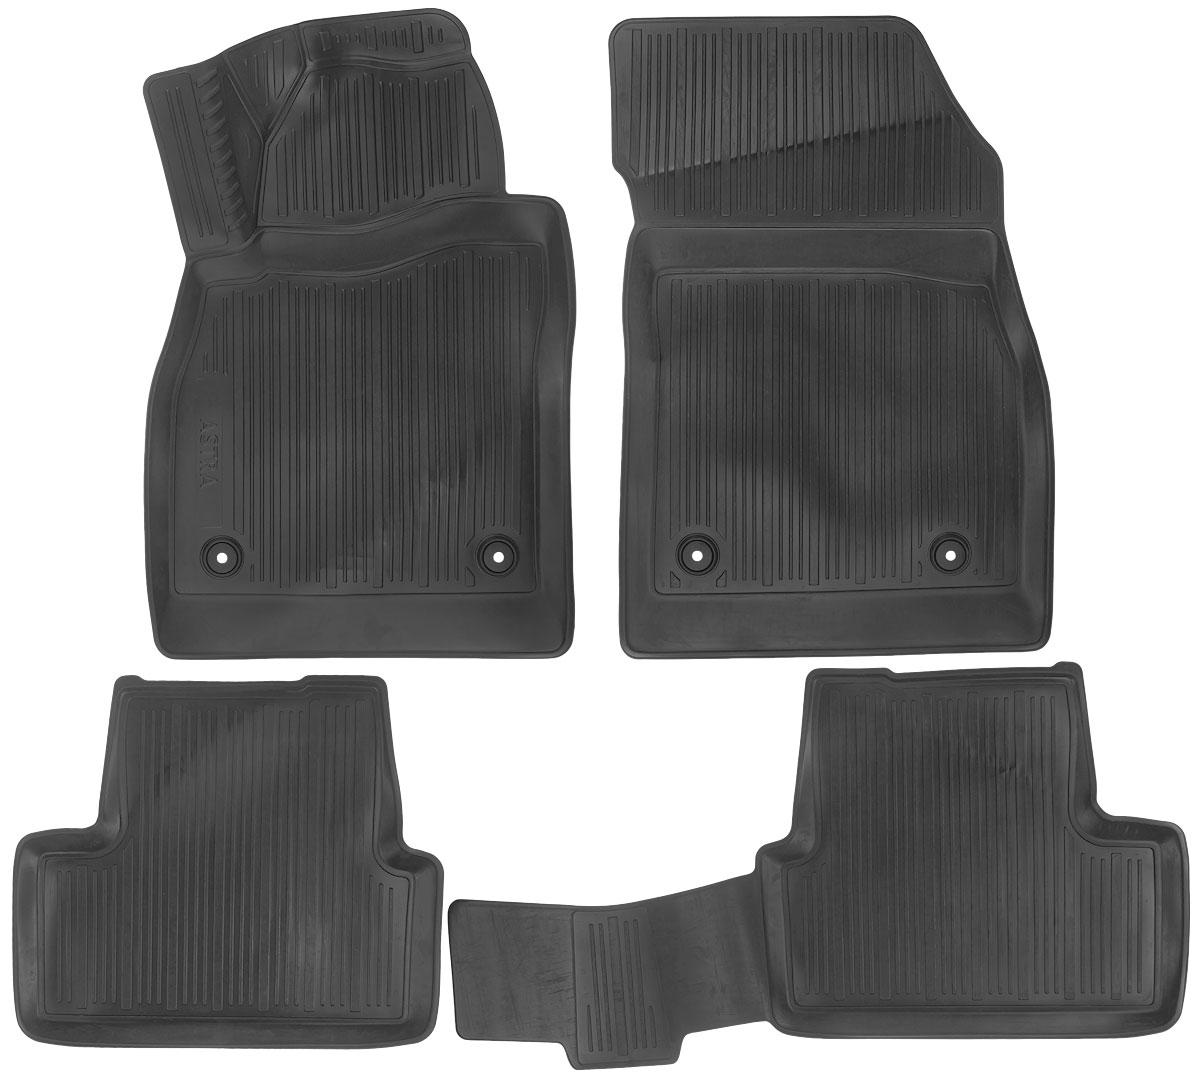 Набор автомобильных ковриков L.Locker Opel Astra J Hatchback 2009, в салон, 4 шт0211010101Набор L.Locker Opel Astra J Hatchback 2009, изготовленный из полиуретана, состоит из 4 антискользящих 3D ковриков, которые производятся индивидуально для каждой модели автомобиля. Изделие точно повторяет геометрию пола автомобиля, имеет высокий борт, обладает повышенной износоустойчивостью, лишено резкого запаха и сохраняет свои потребительские свойства в широком диапазоне температур от -50°С до +50°С.Комплектация: 4 шт.Размер ковриков: 80 см х 53 см; 53 см х 45,5 см; 93 см х 46 см; 81 см х 53 см.